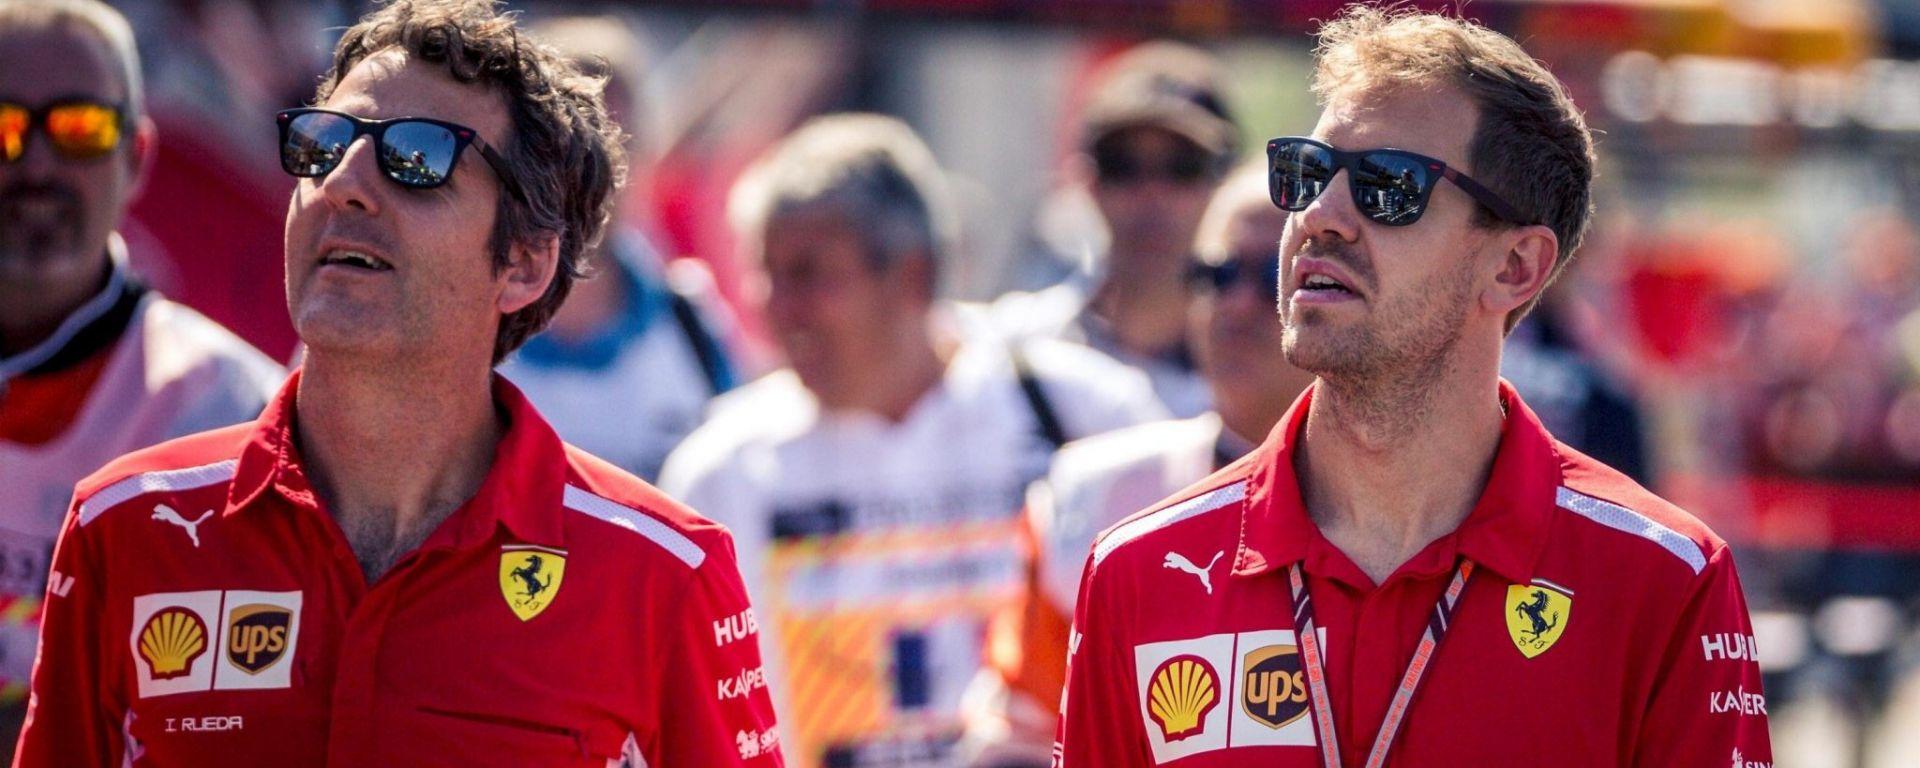 """F1 2018, GP Francia: Vettel è fiducioso """"siamo qui per fare bene con la Ferrari"""""""